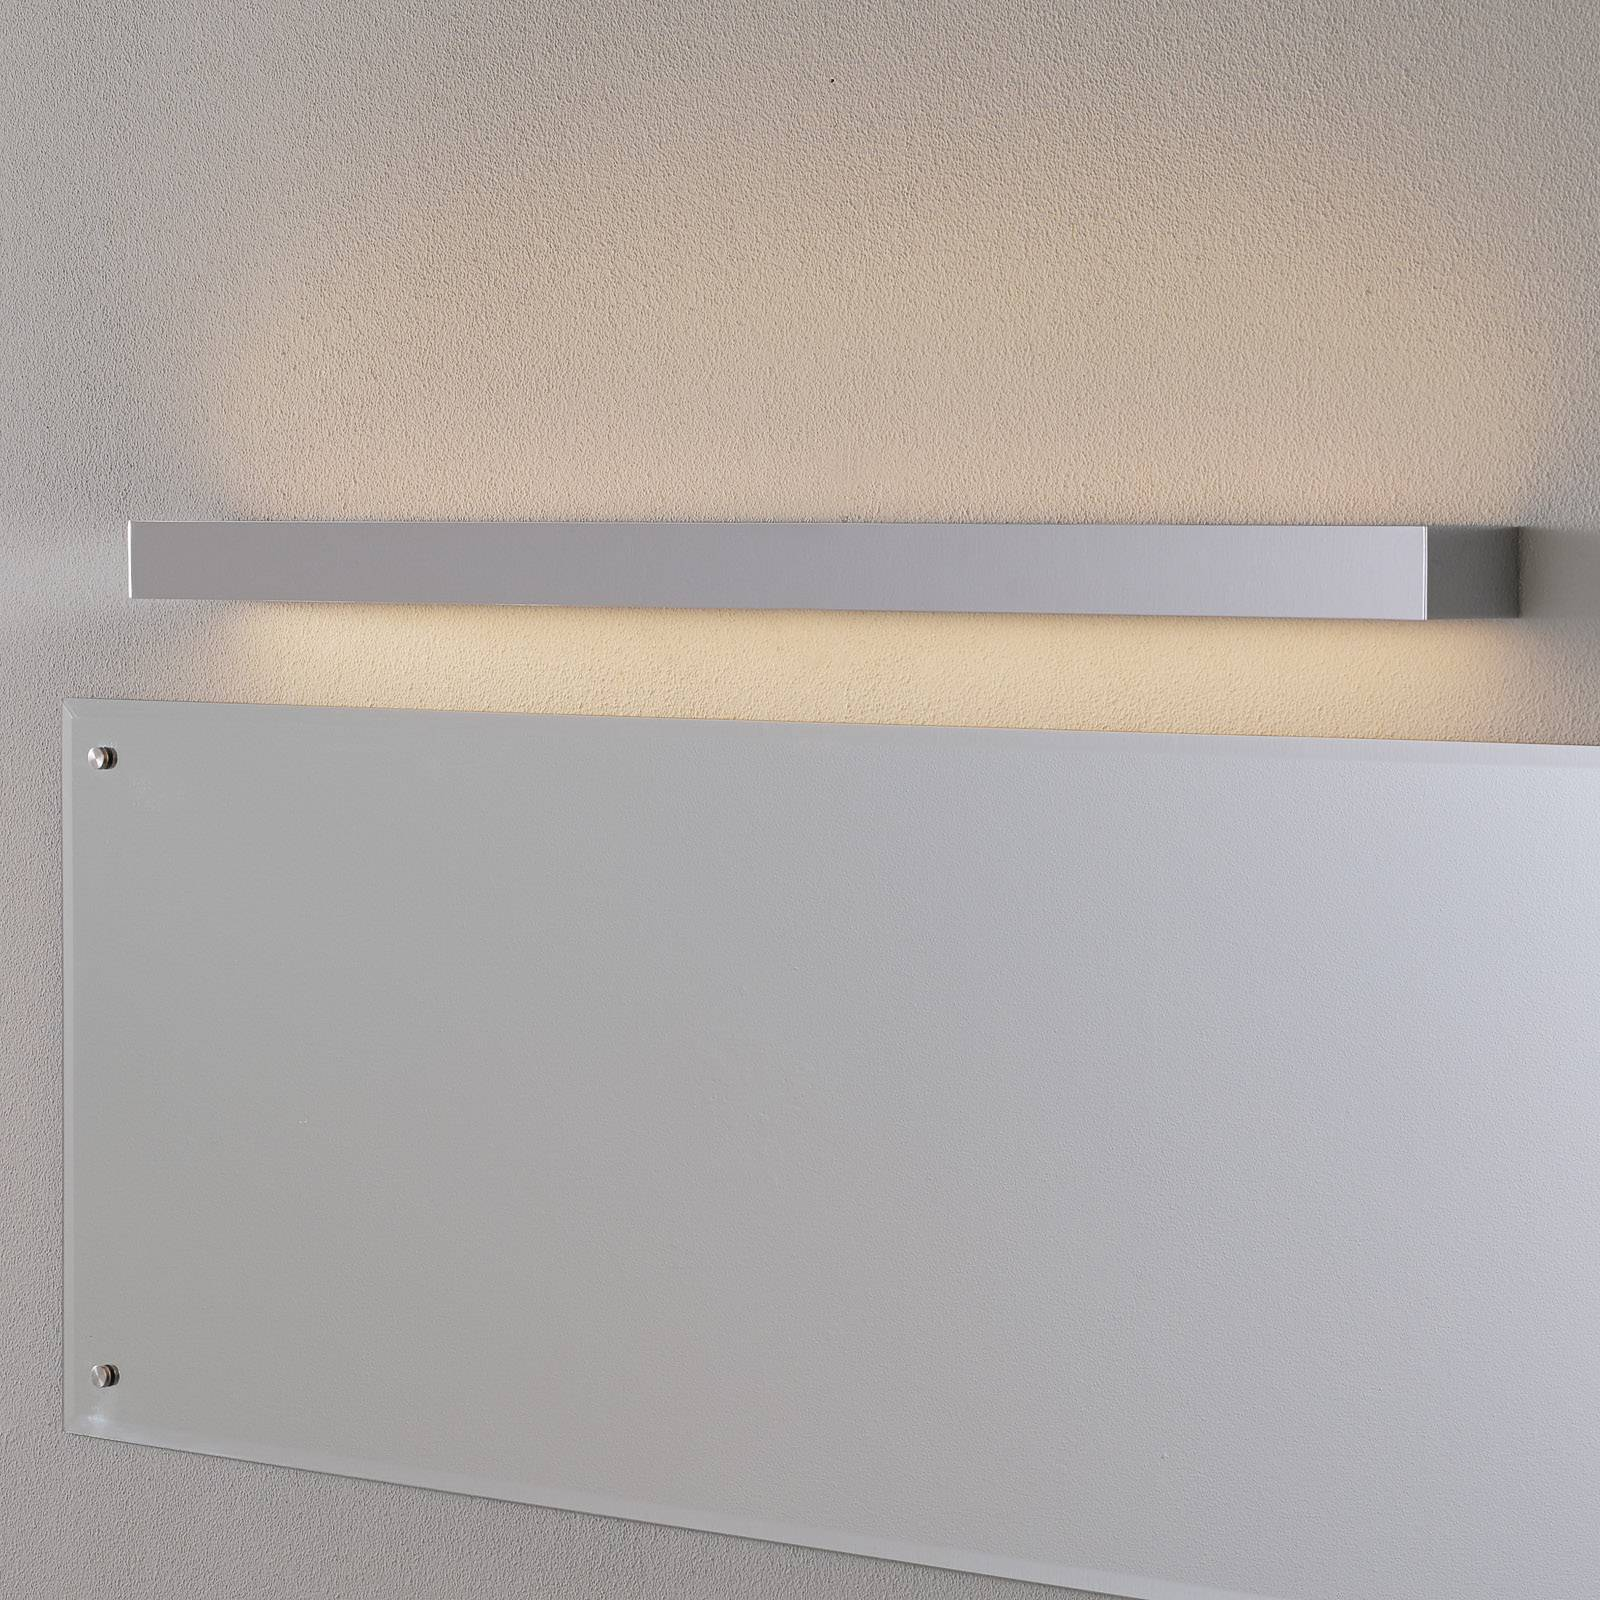 Helestra Theia applique miroir LED, chromé, 90cm